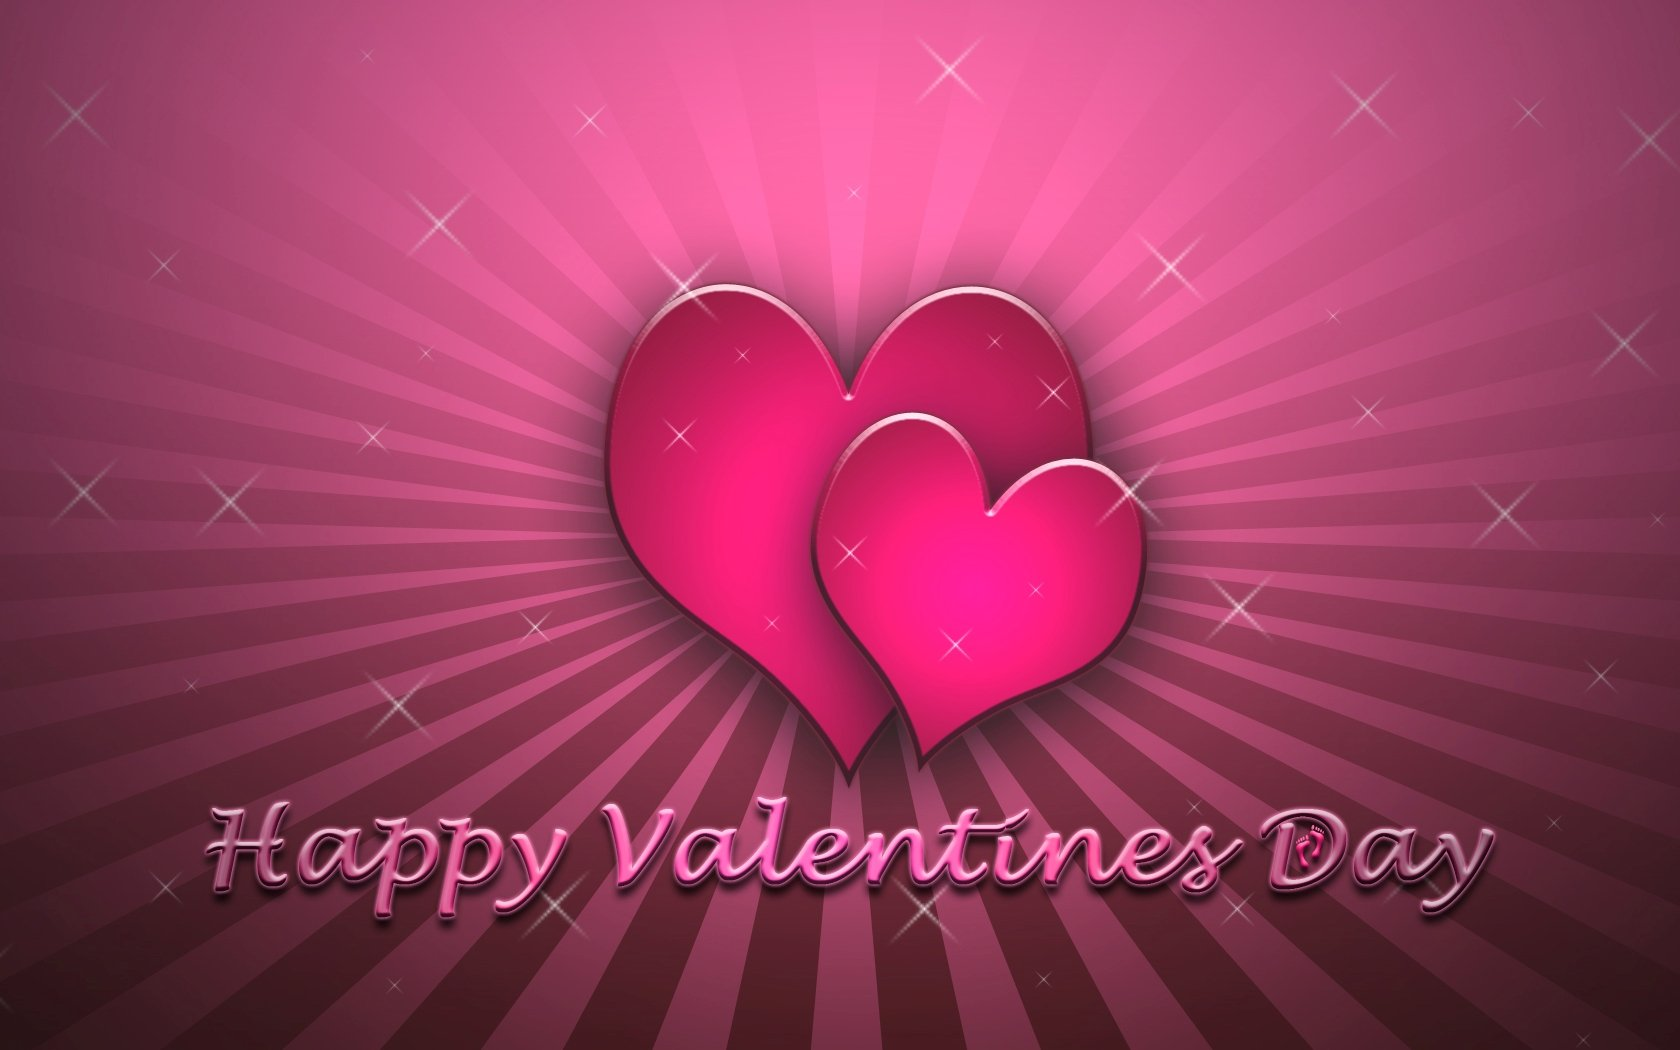 Valentine Day Wallpaper Desktop 1680x1050